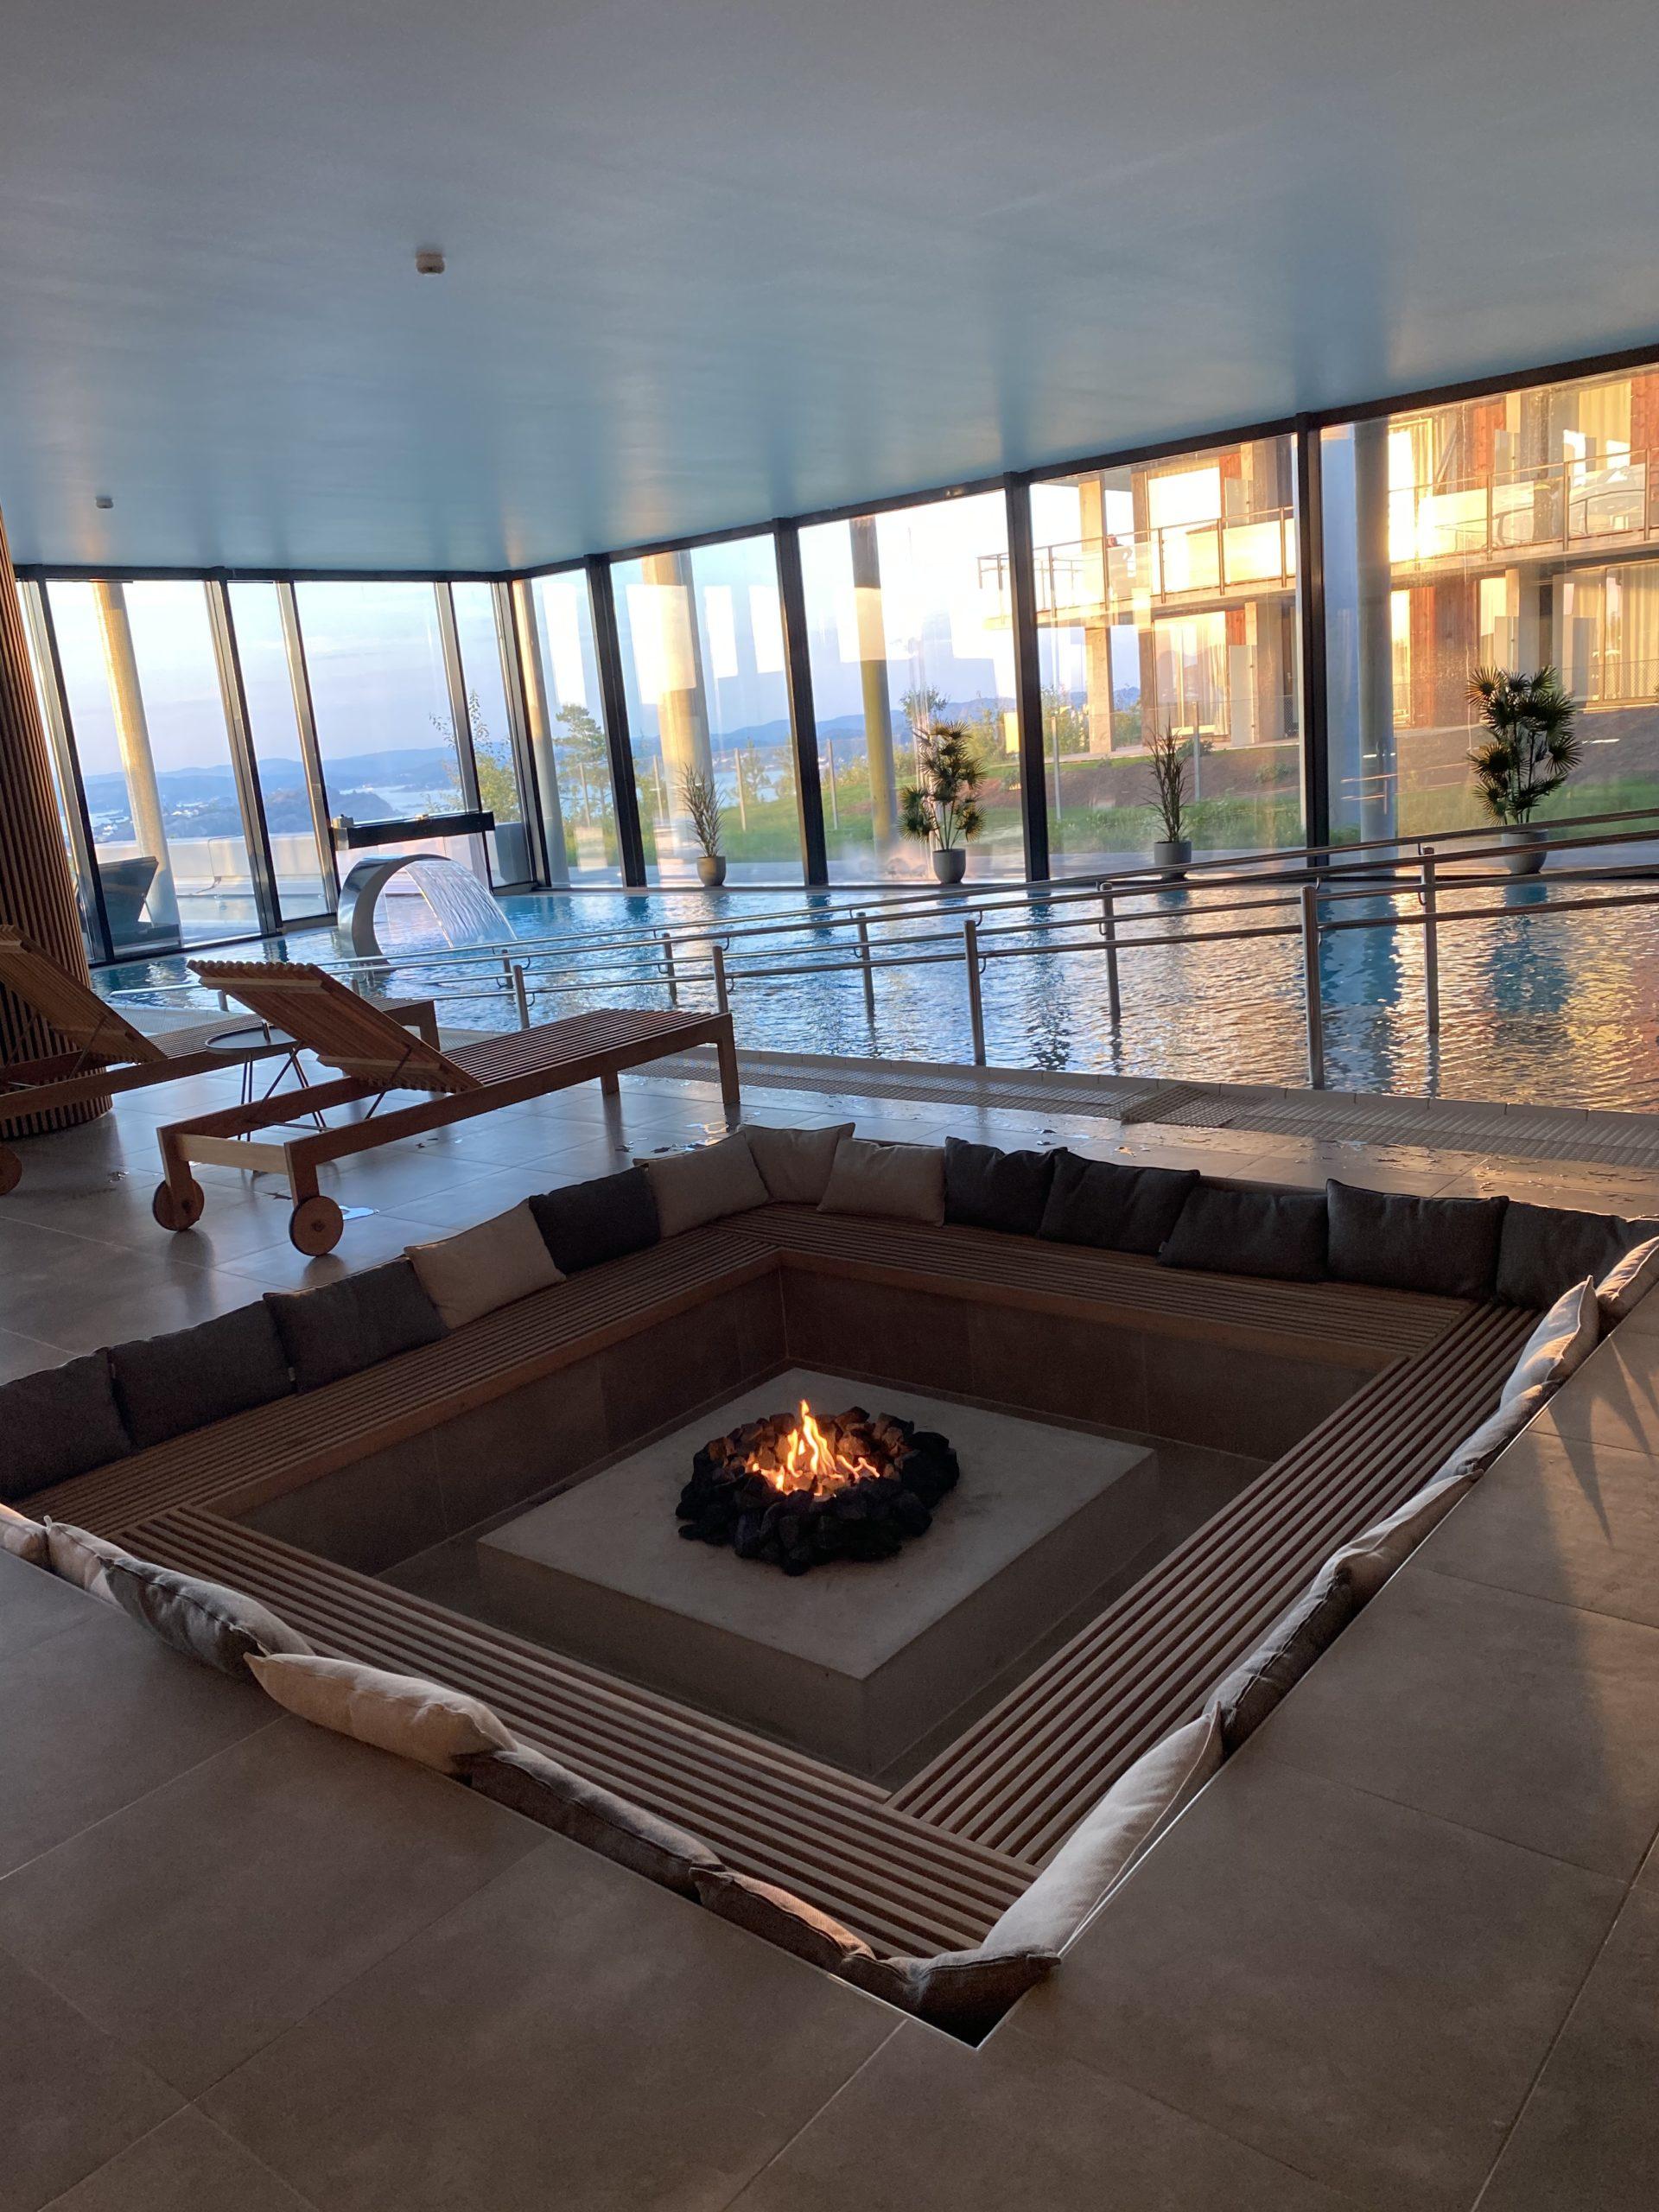 Velværehelg på Kragerø Resort 2-4 oktober 2020